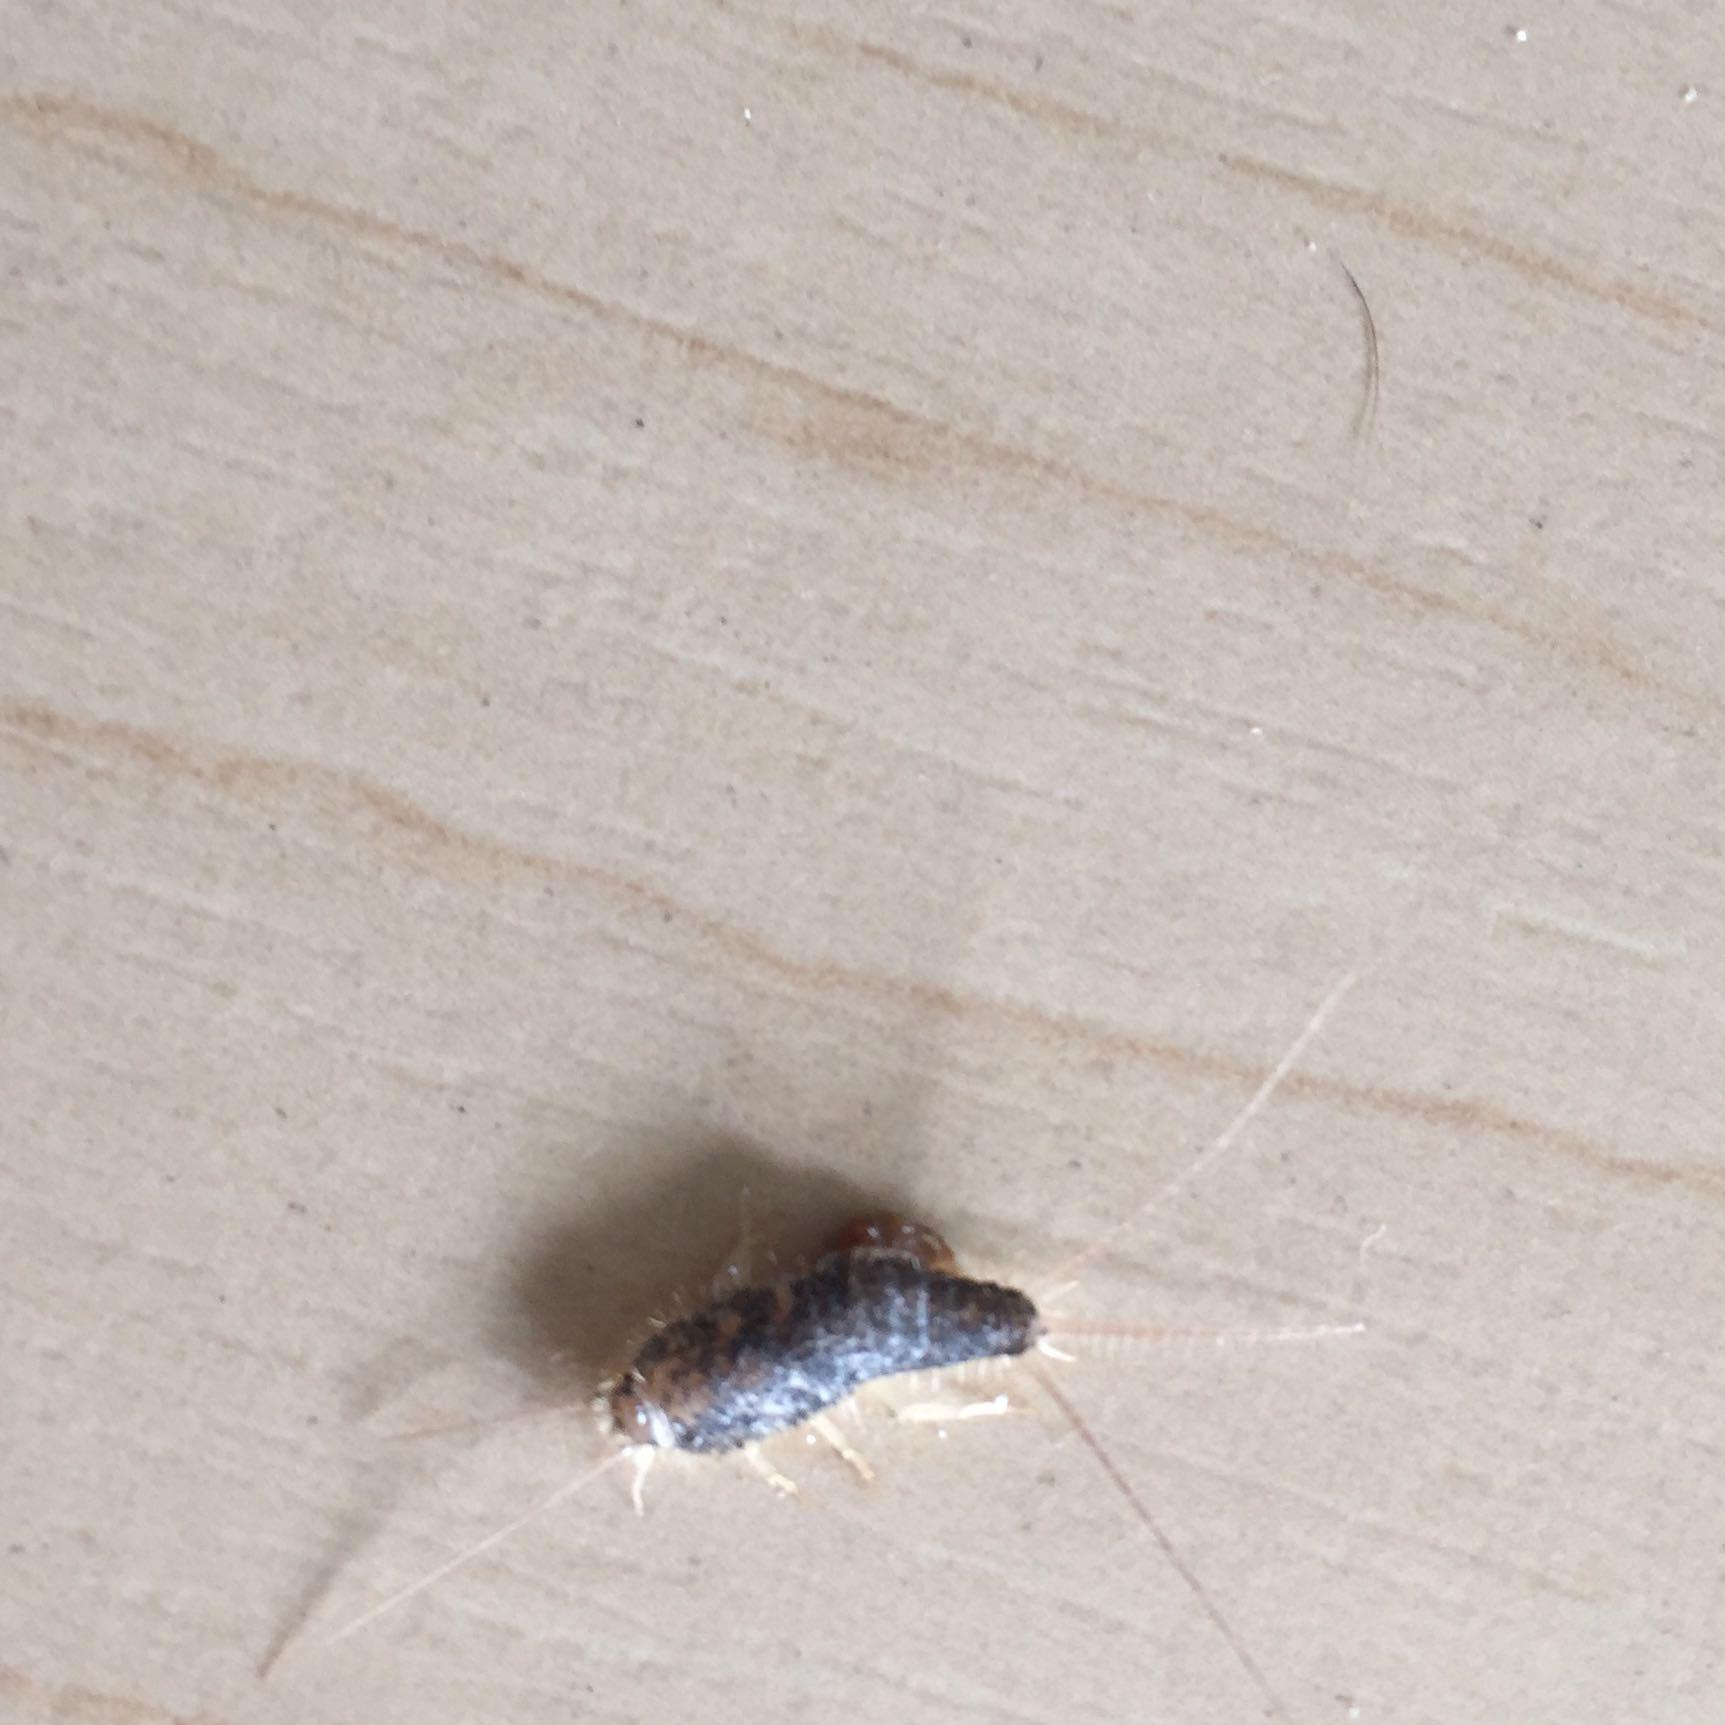 insekt auf frischer w sche was ist das f r ein tierchen auf dem bild haushalt garten insekten. Black Bedroom Furniture Sets. Home Design Ideas